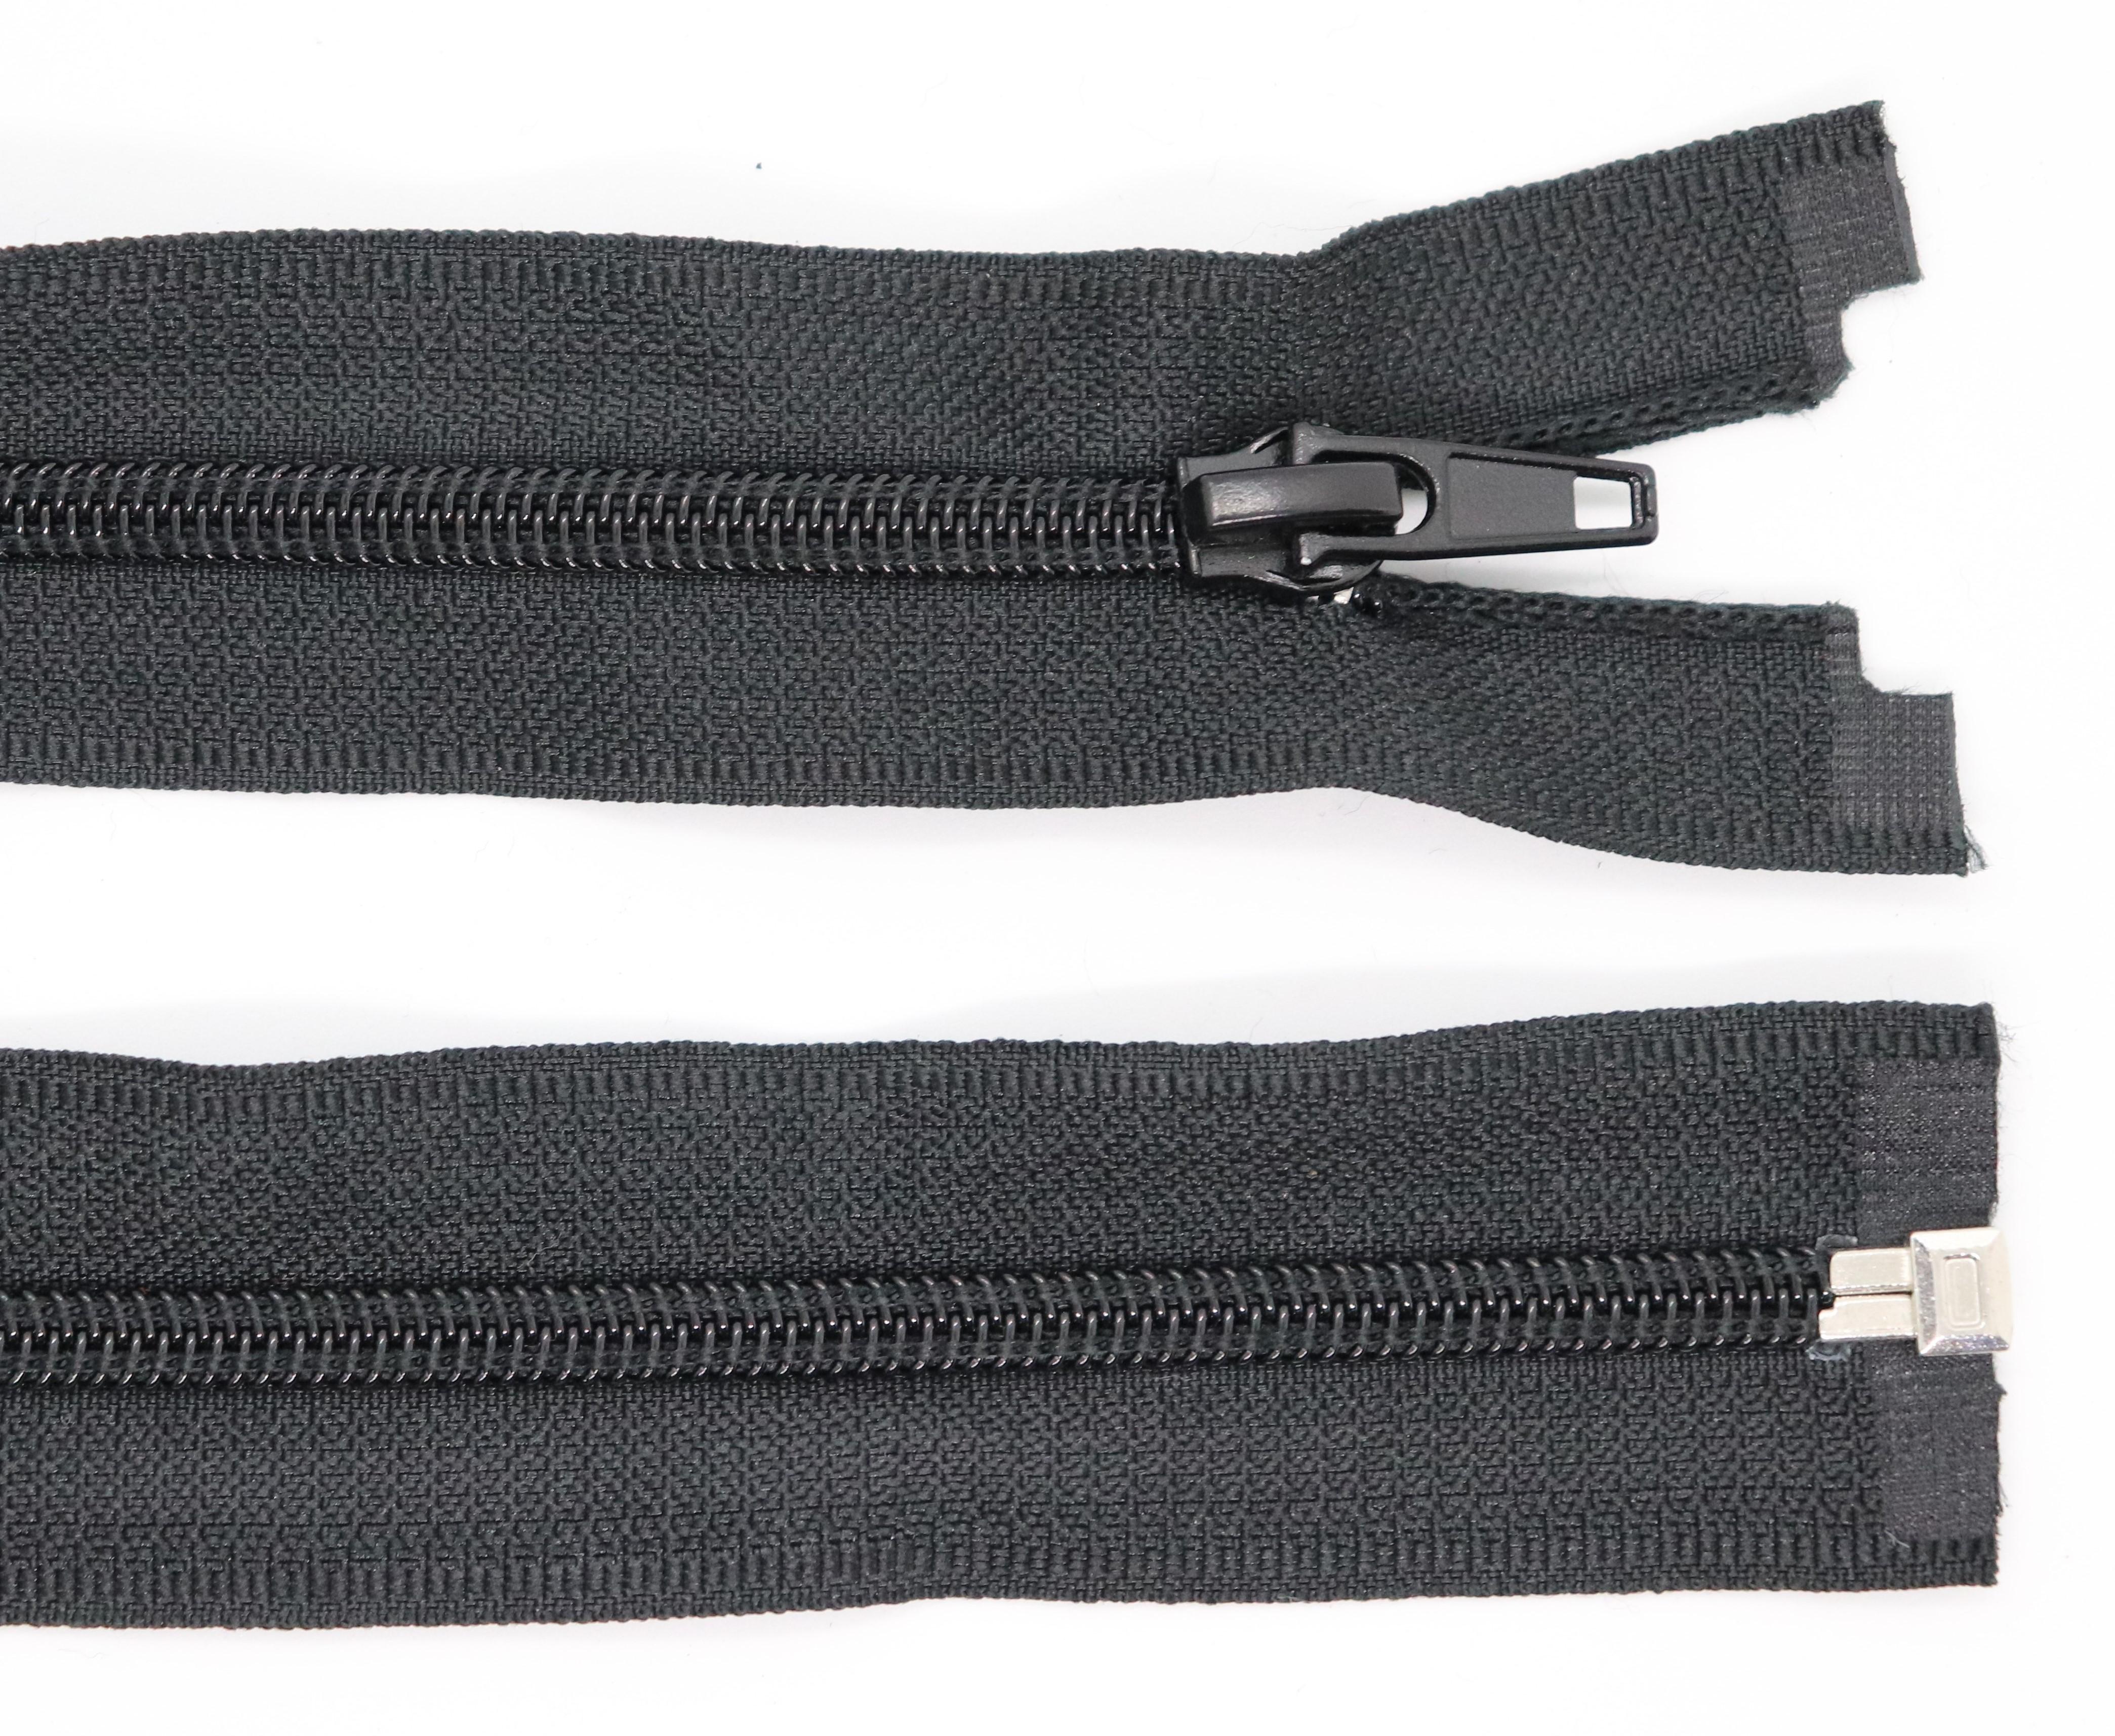 Spirálový zip šíøe 5 mm délka 70 cm dìlitelný - zvìtšit obrázek